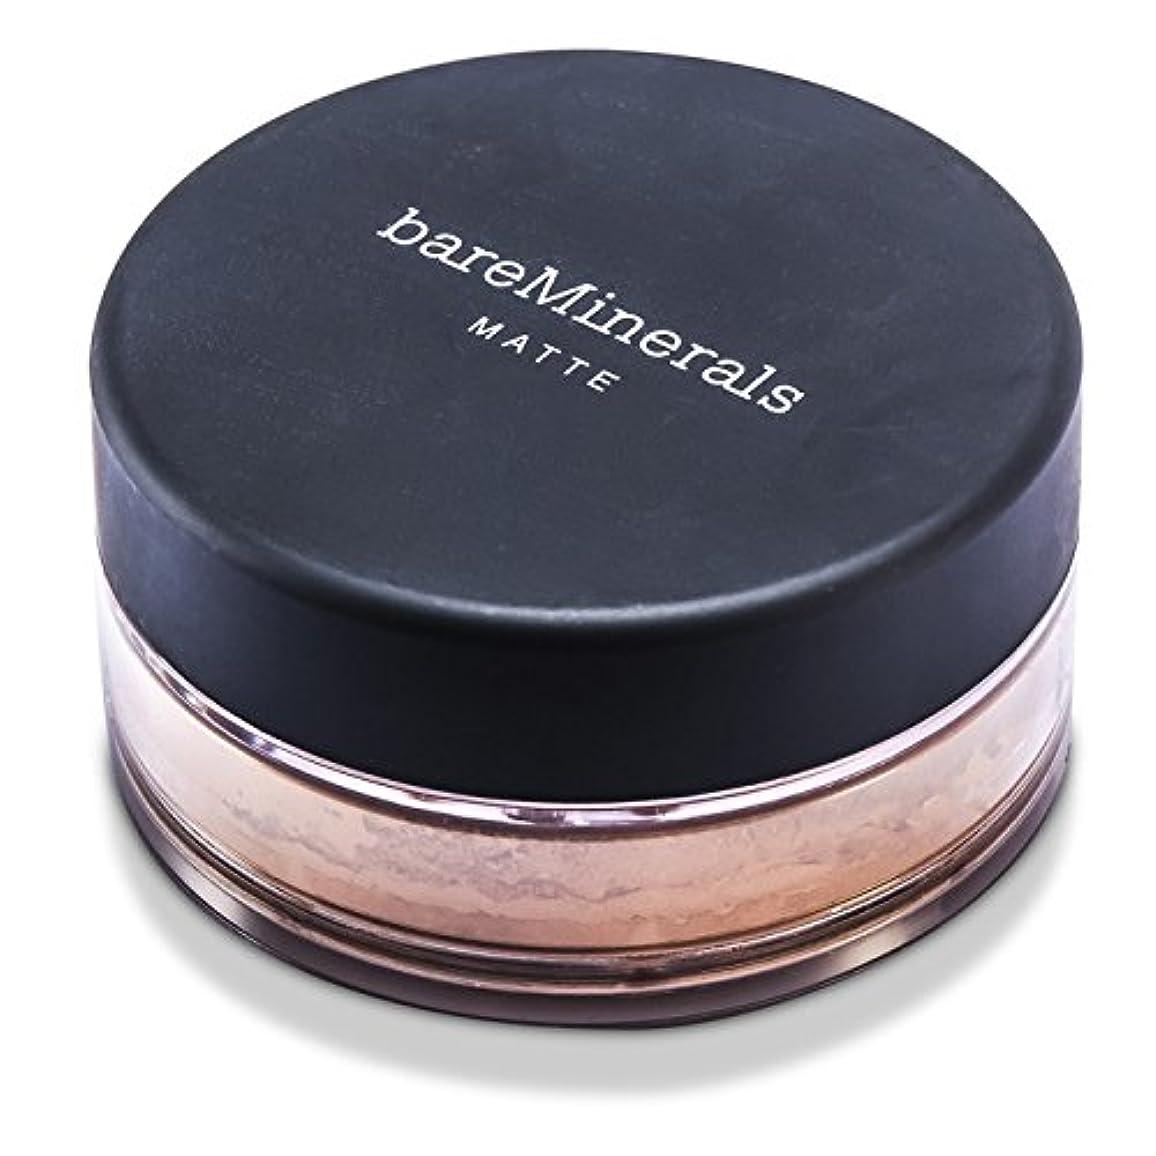 救い放課後納屋BareMinerals ベアミネラル マット ファンデーション SPF15 - Medium Tan 6g/0.21oz並行輸入品